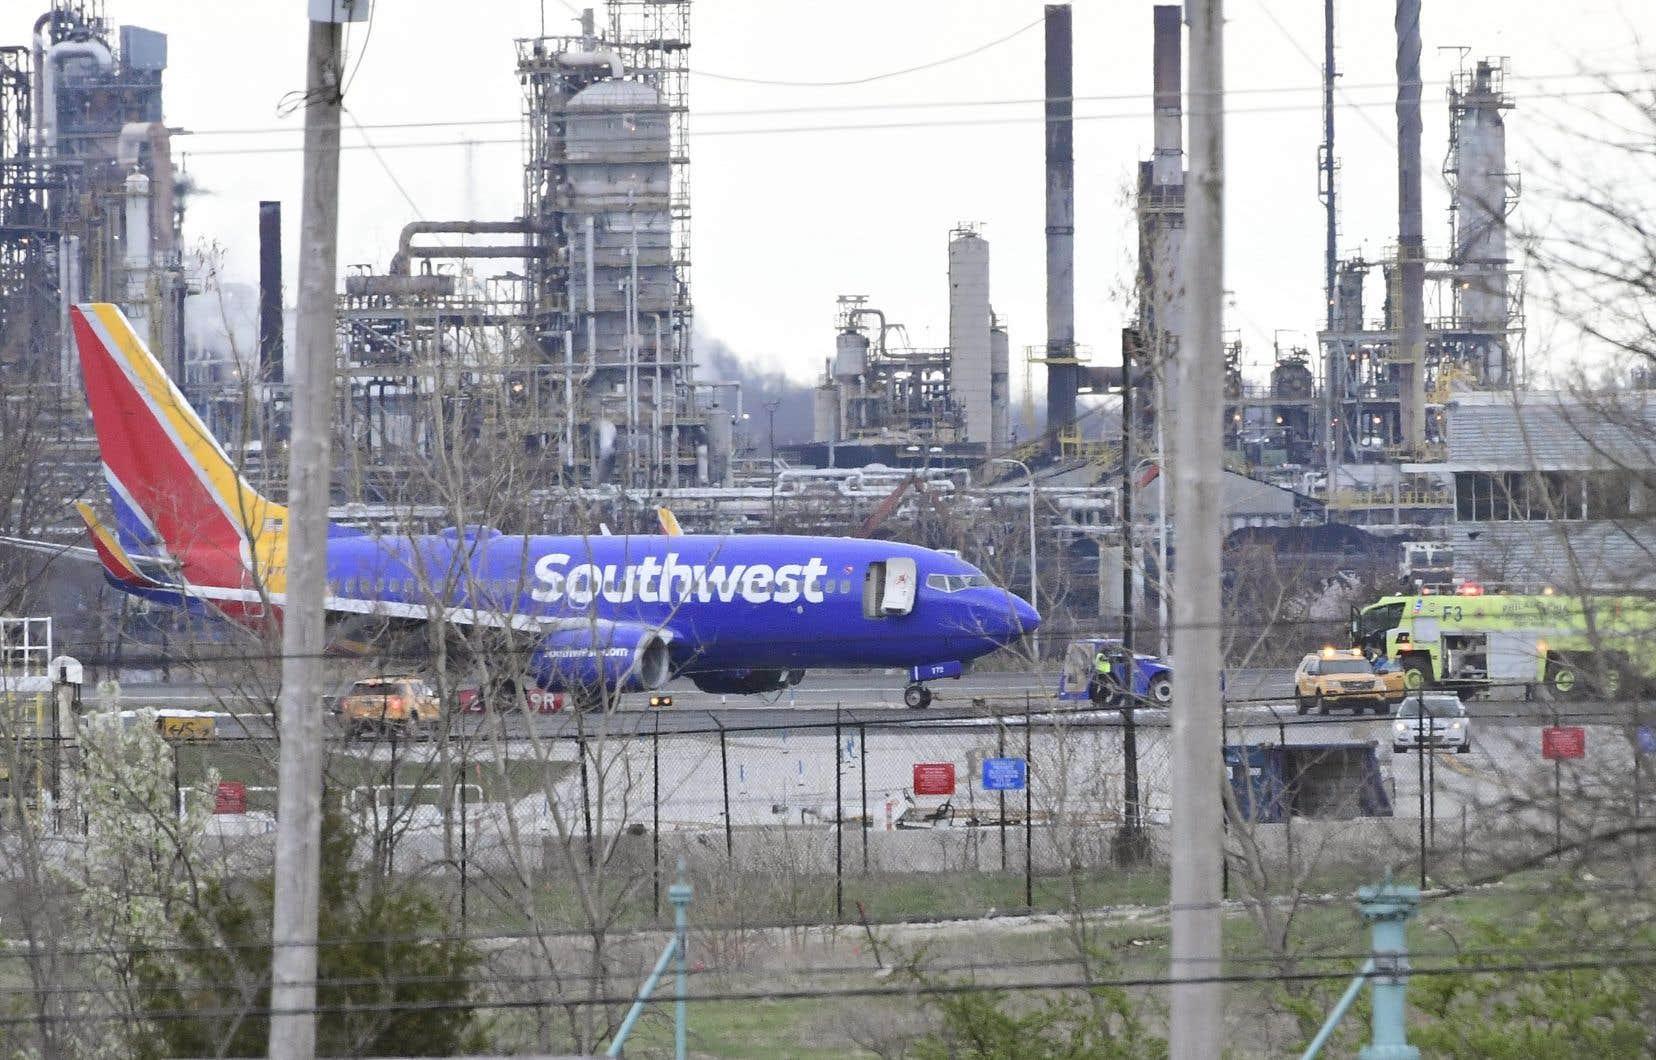 Un appareil de Southwest Airlines a dû se poser à l'aéroport de Philadelphie lorsqu'une partie du moteur et un hublot ont été endommagés.